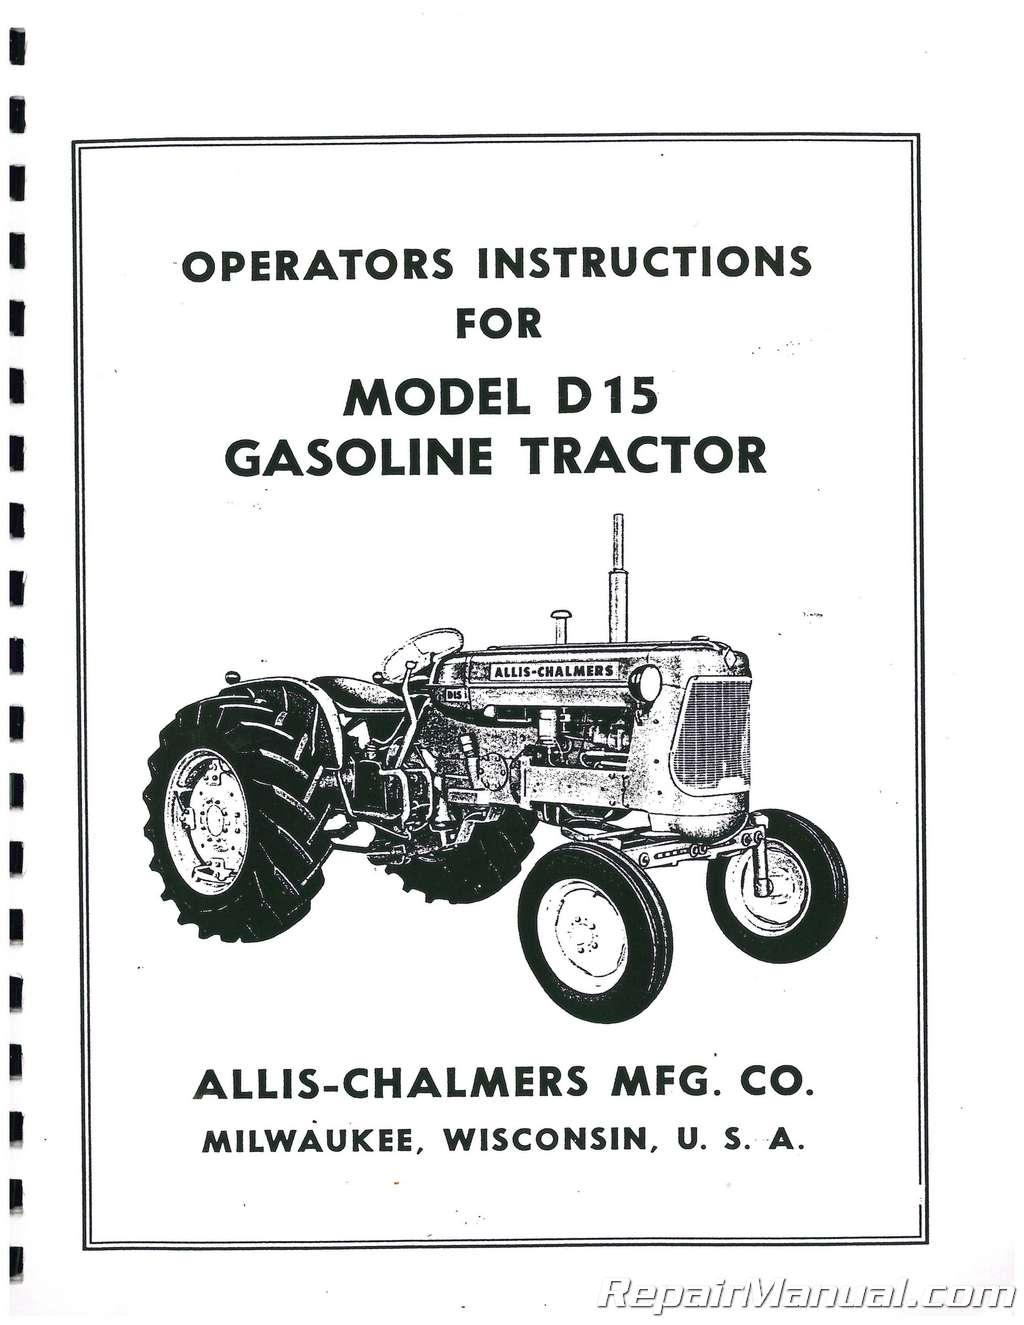 Allis-Chalmers D15 Gasoline Tractor Operators Manual